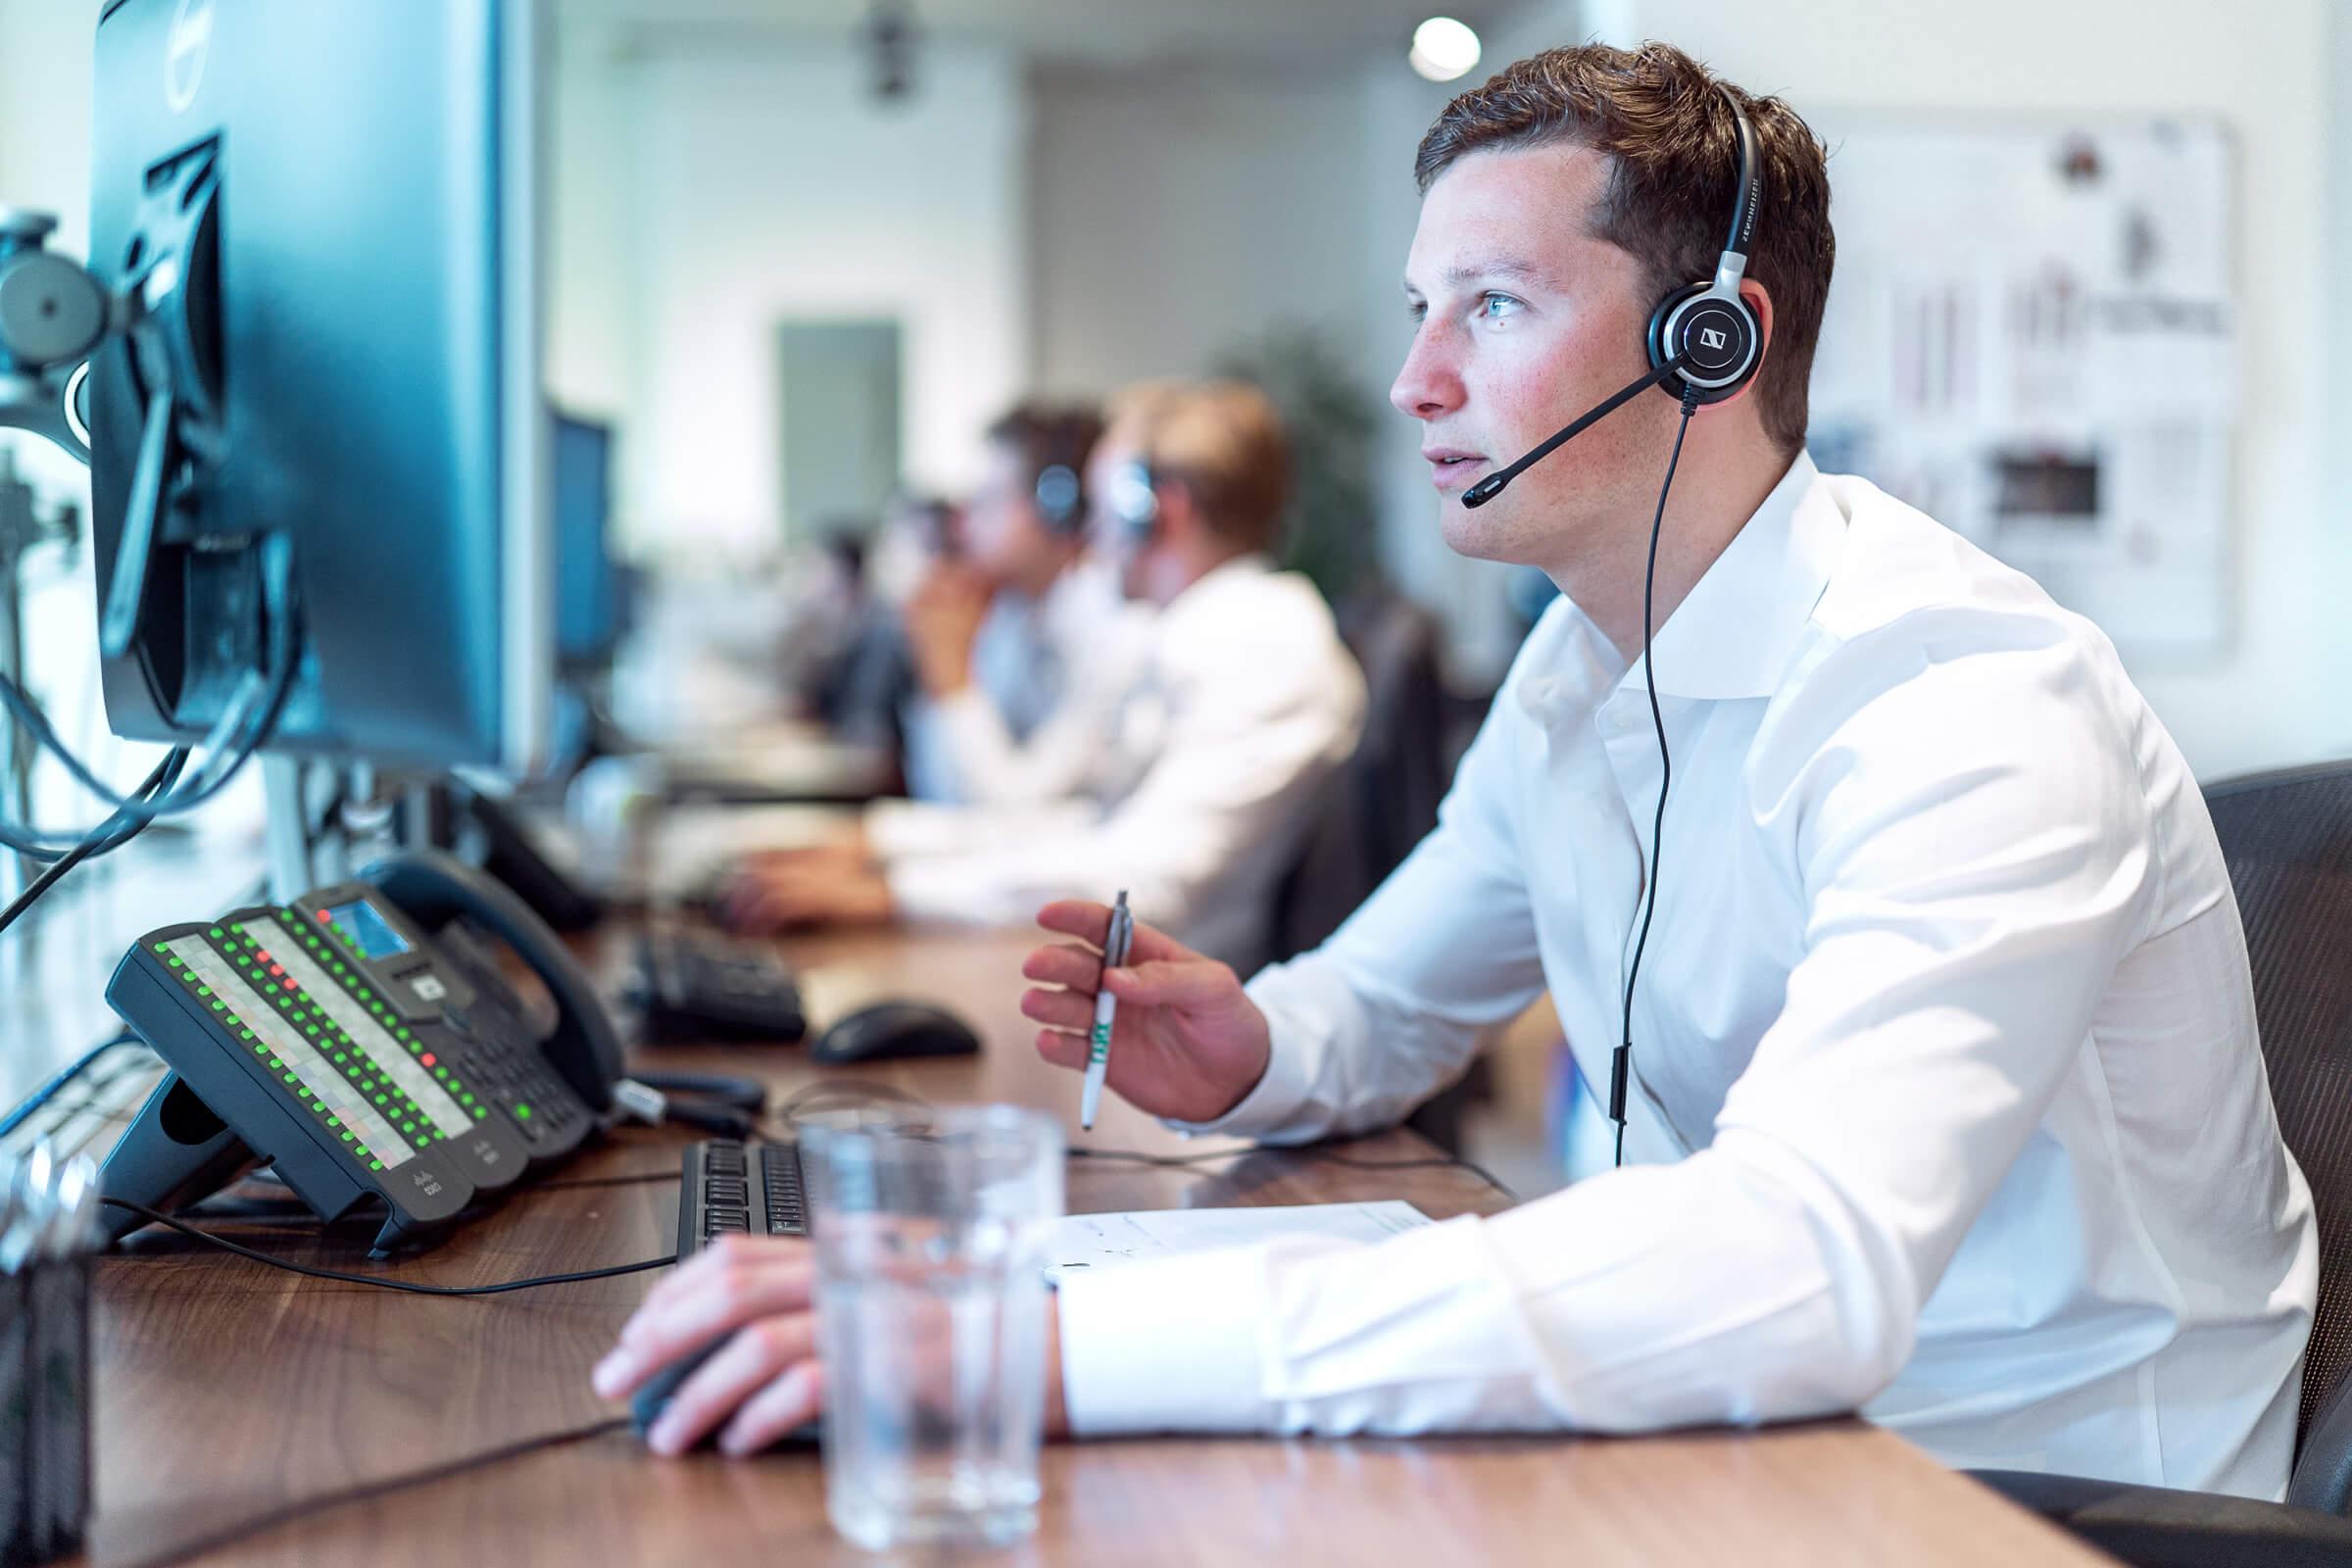 Przeszkolony personel odpowiadający na pytania inwestycyjne klienta LYNX